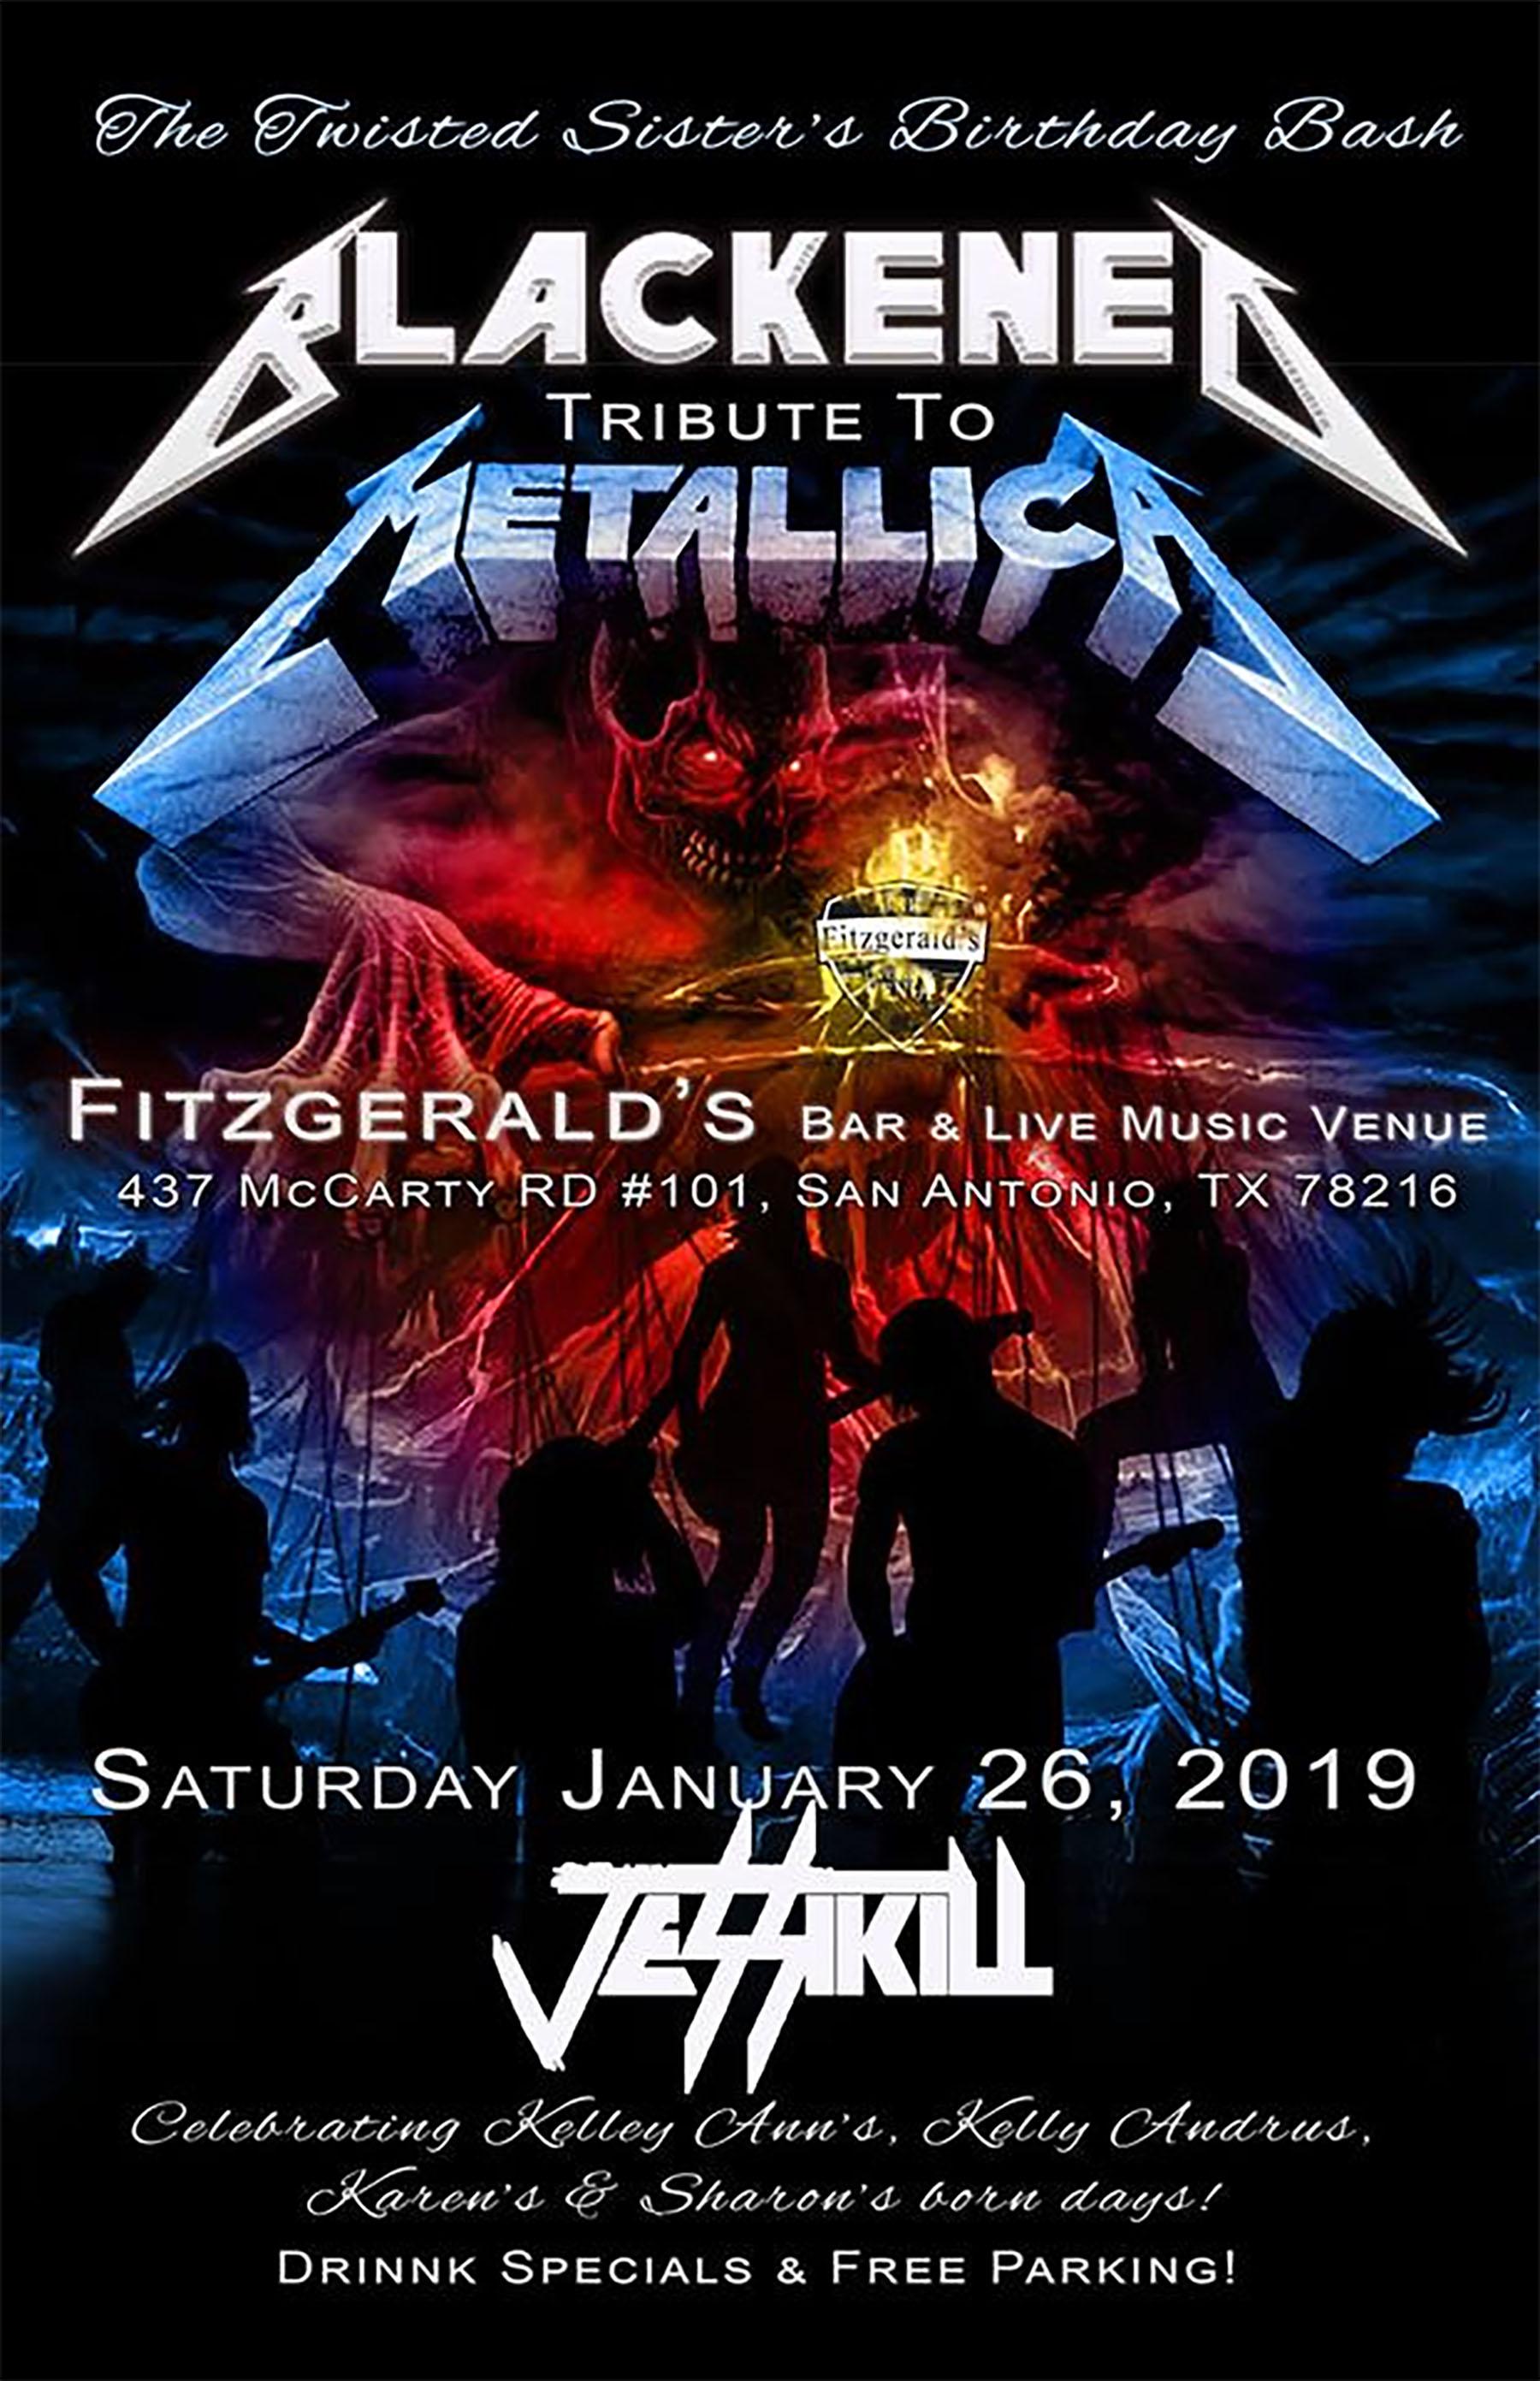 Blackened Metallica trib and Jessikill